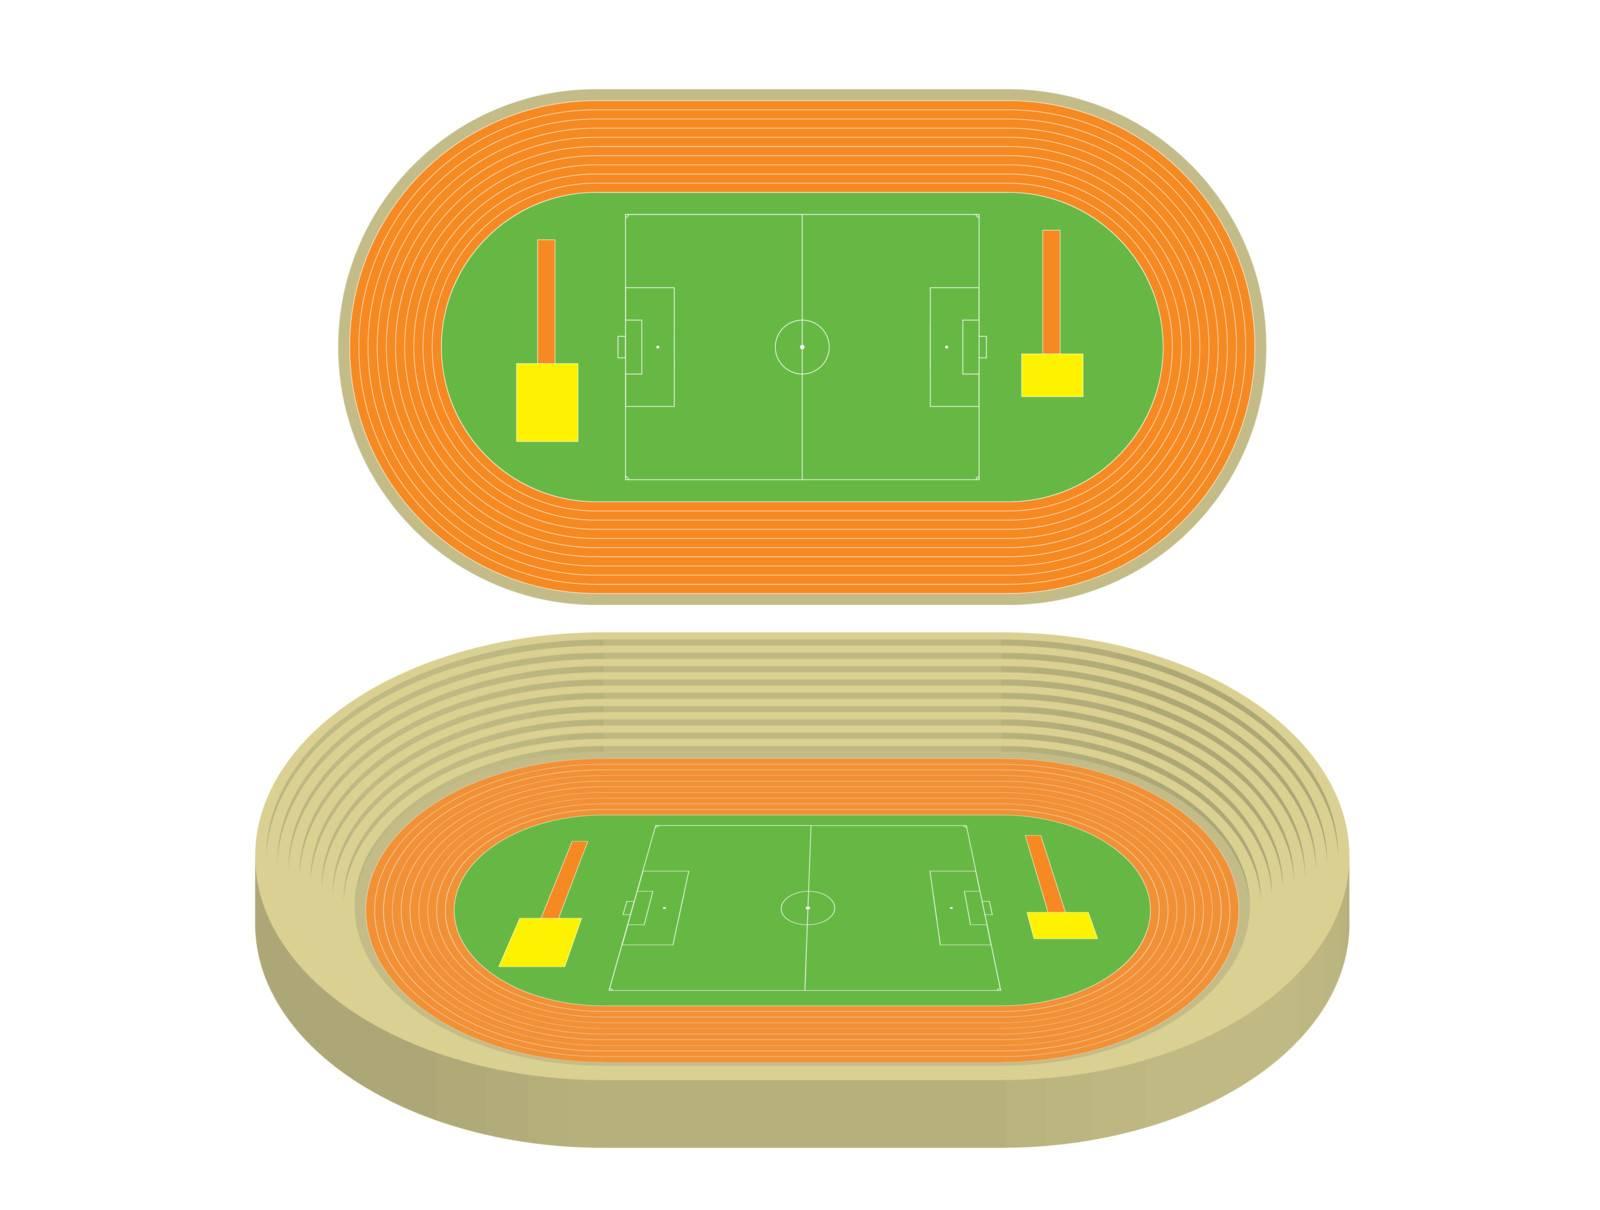 model of stadium vector illustration